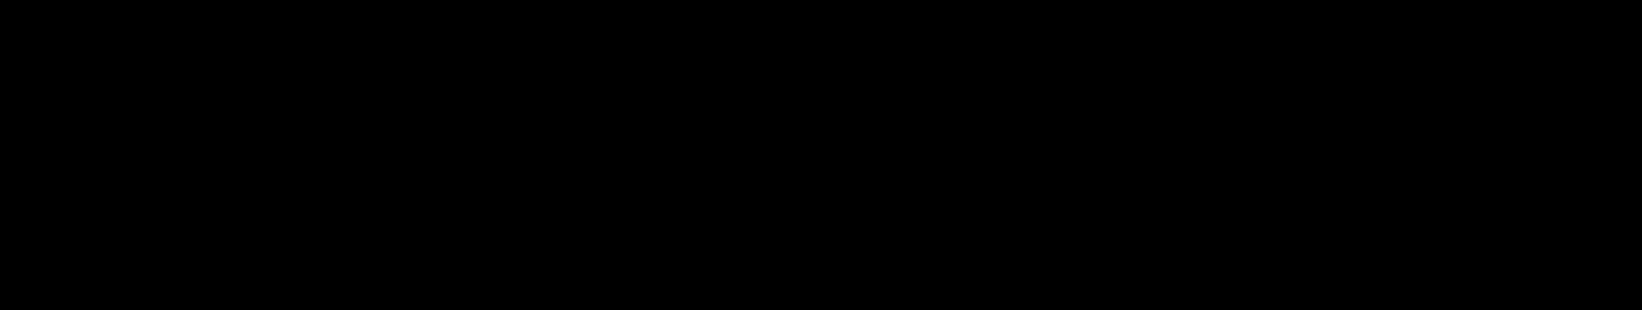 Hitmarker primary black logo